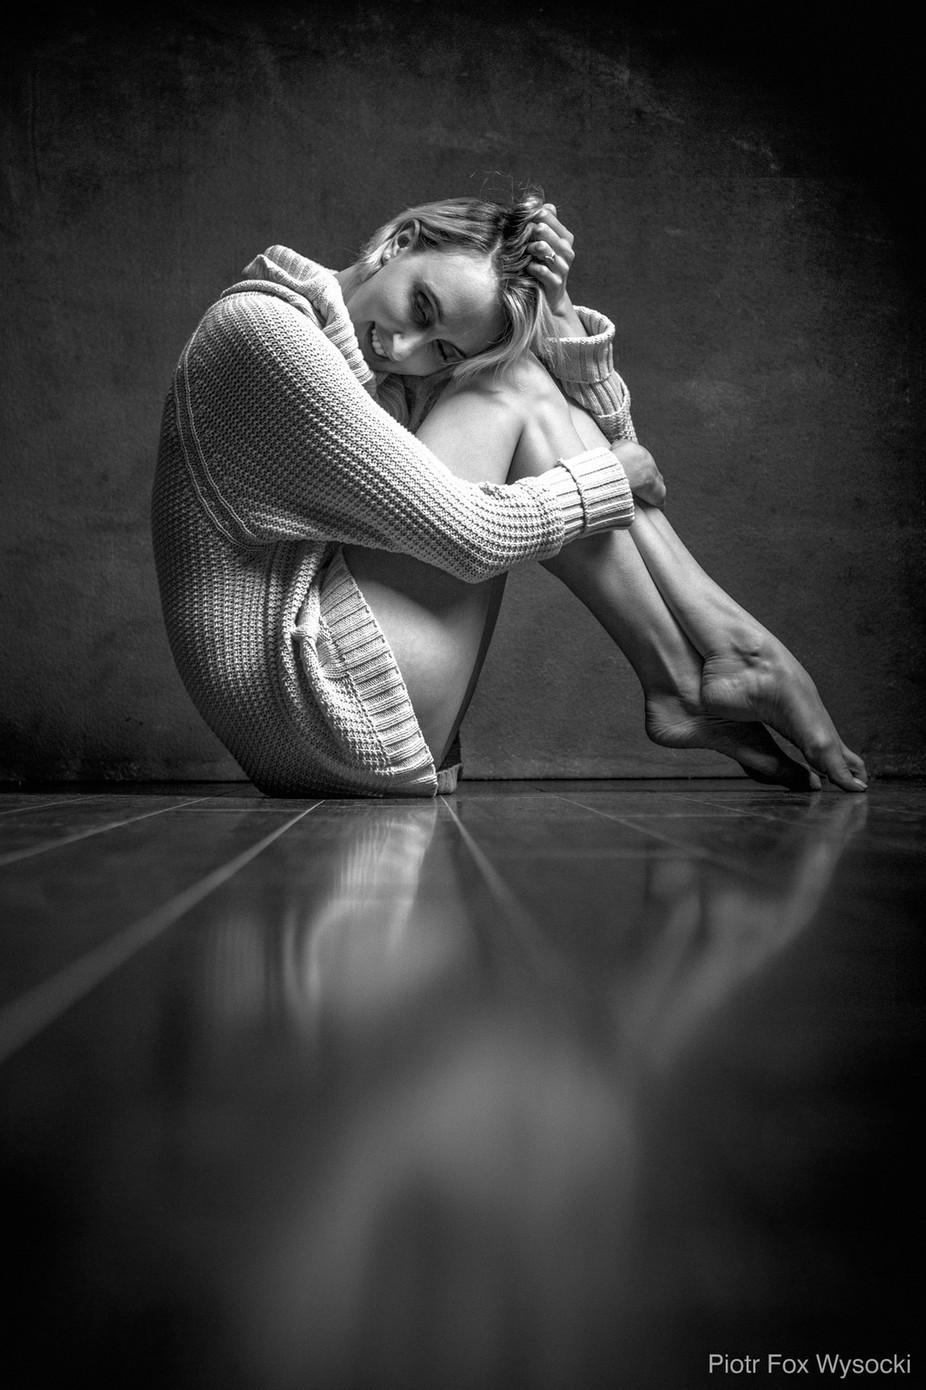 Elita by piotrfoxwysocki - Her In The Studio Photo Contest